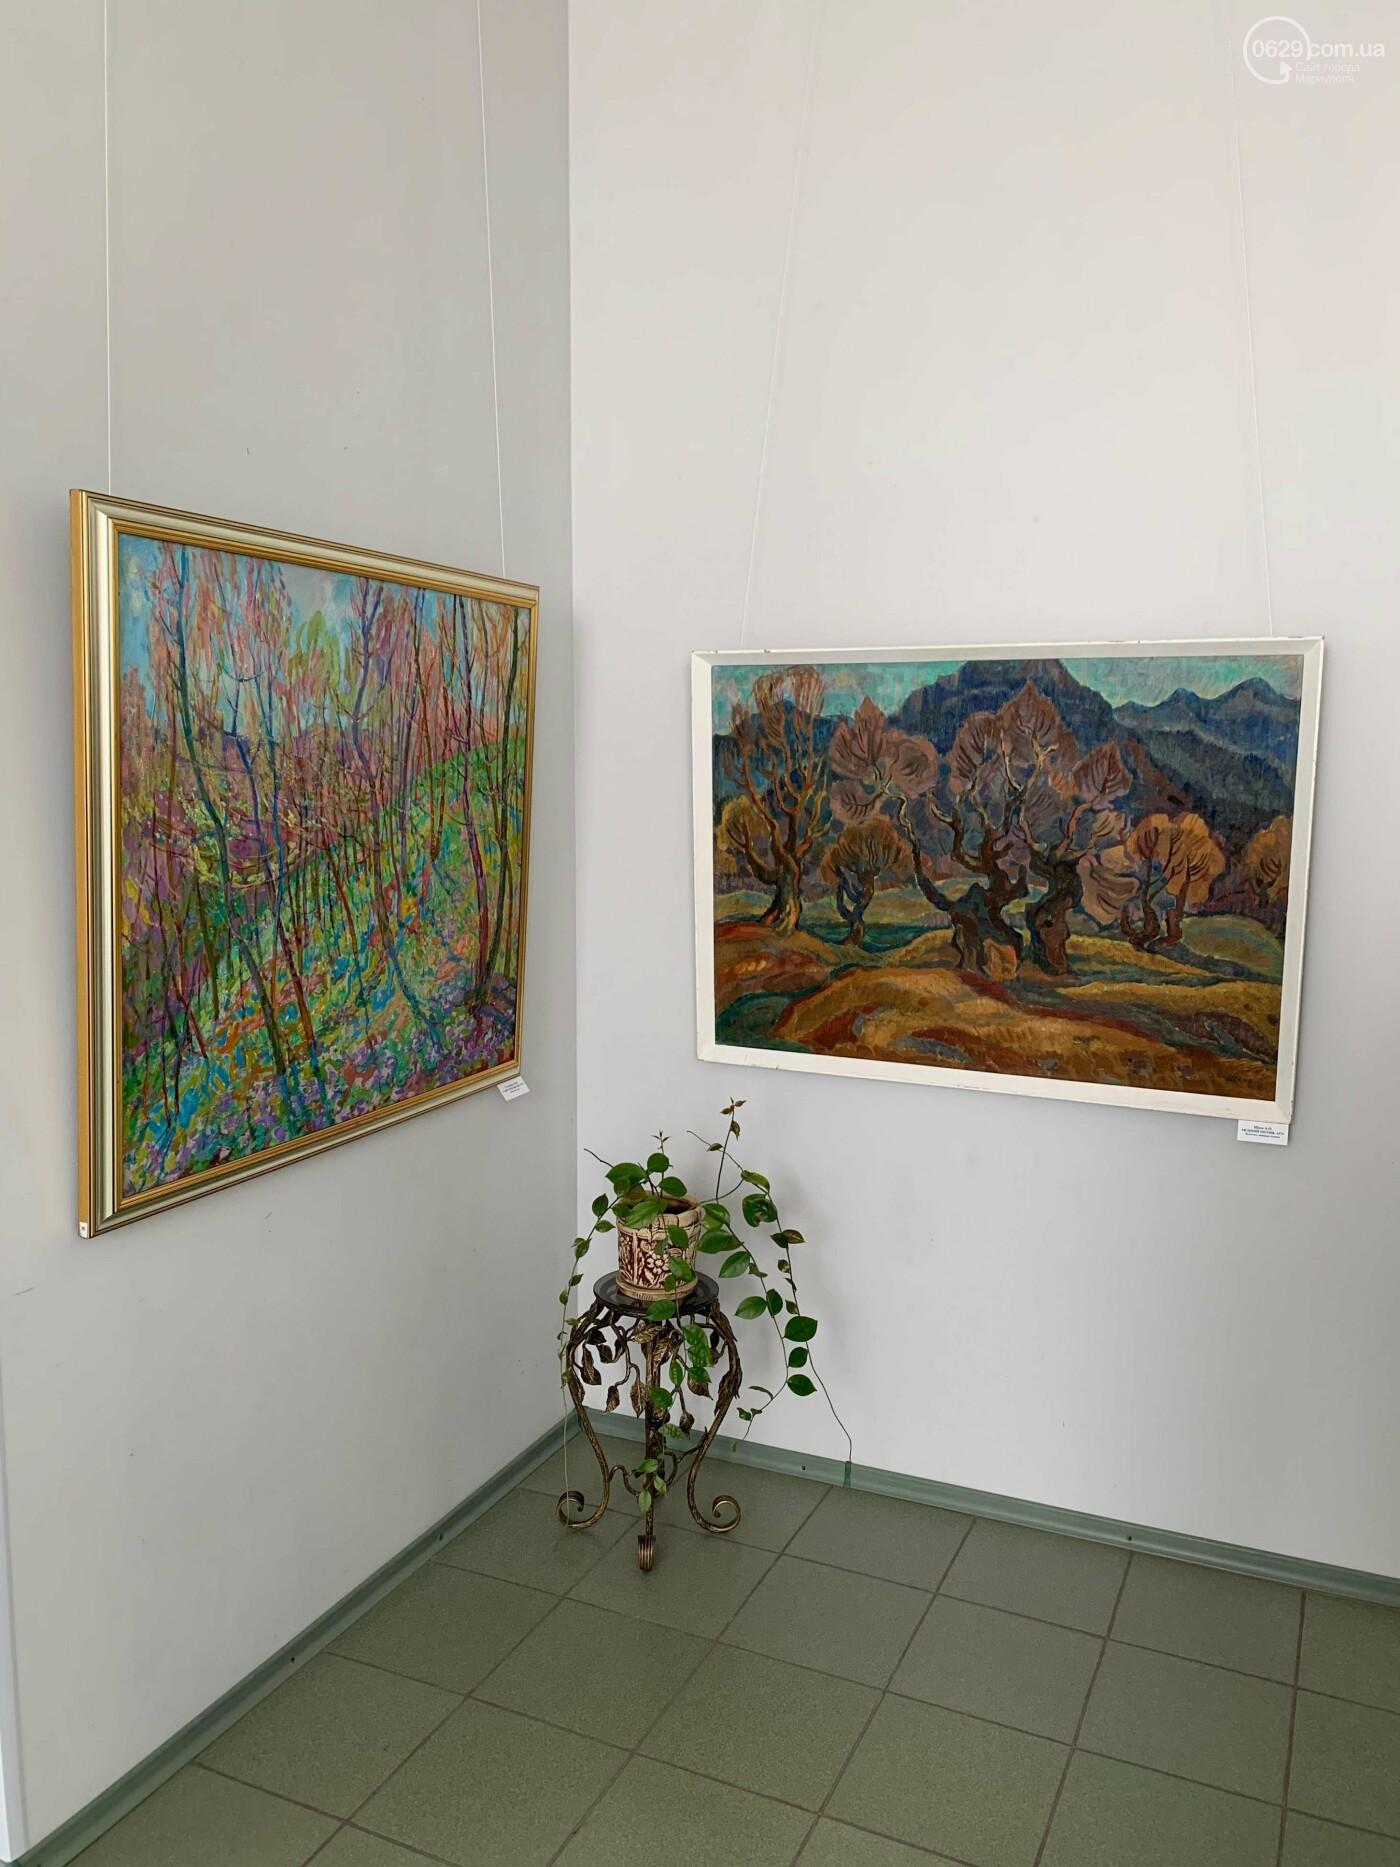 Гості з минулого. В Маріуполі відтворили виставку 1973 року, зібрав 60 шедеврів живопису - ФОТОРЕПОРТАЖ, фото-4